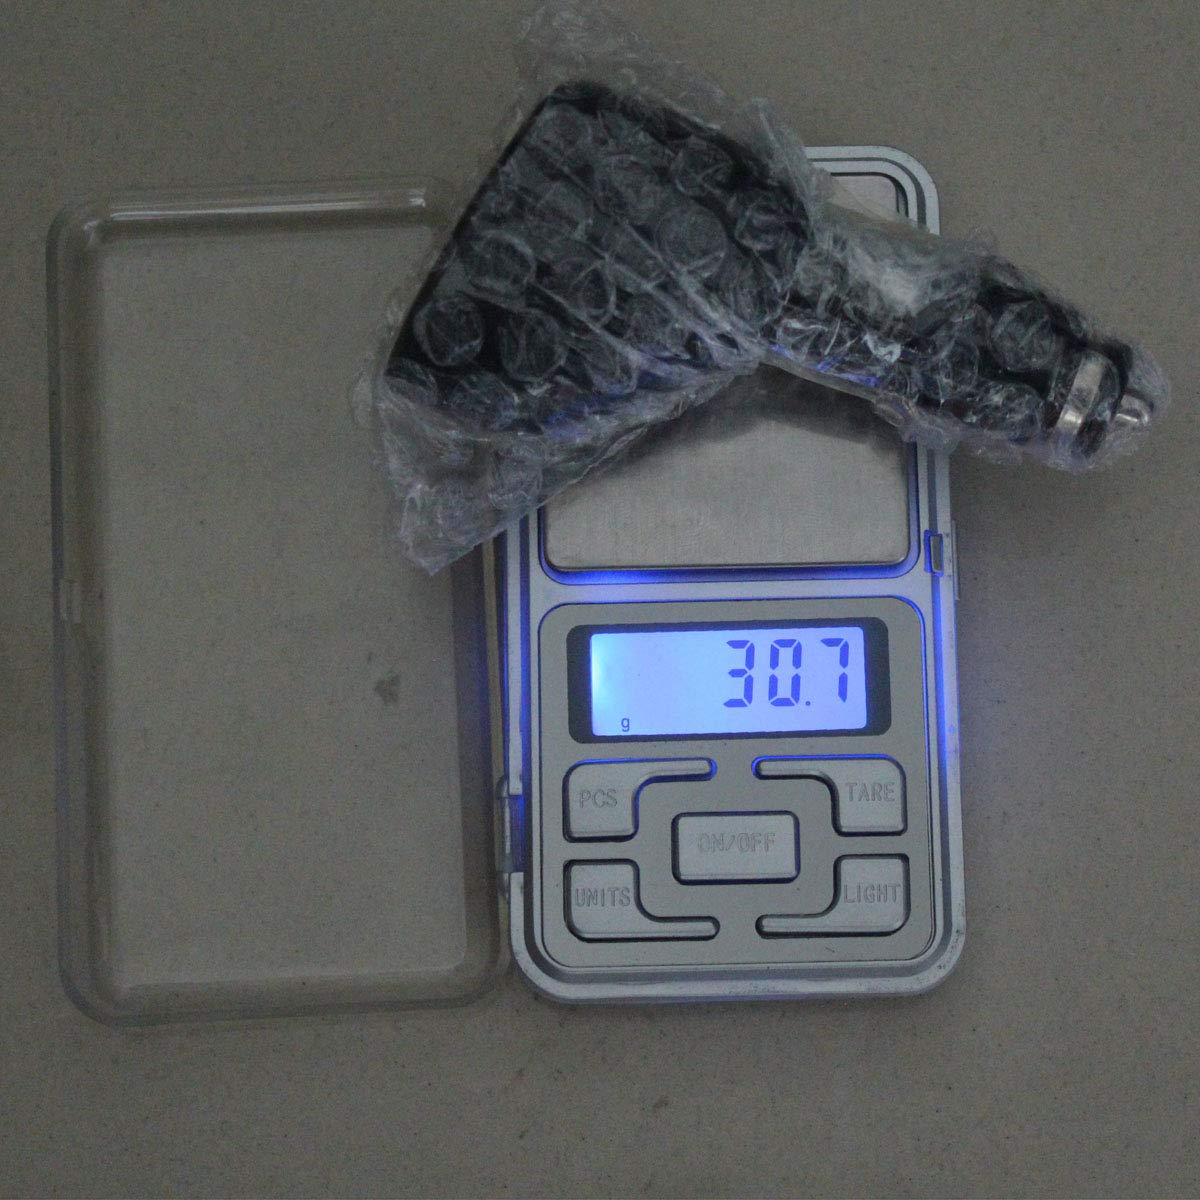 Wakauto 12 v 24 v professionelle auto fahrzeug voltmeter gauge zigarette stecker spannung monitor schwarz